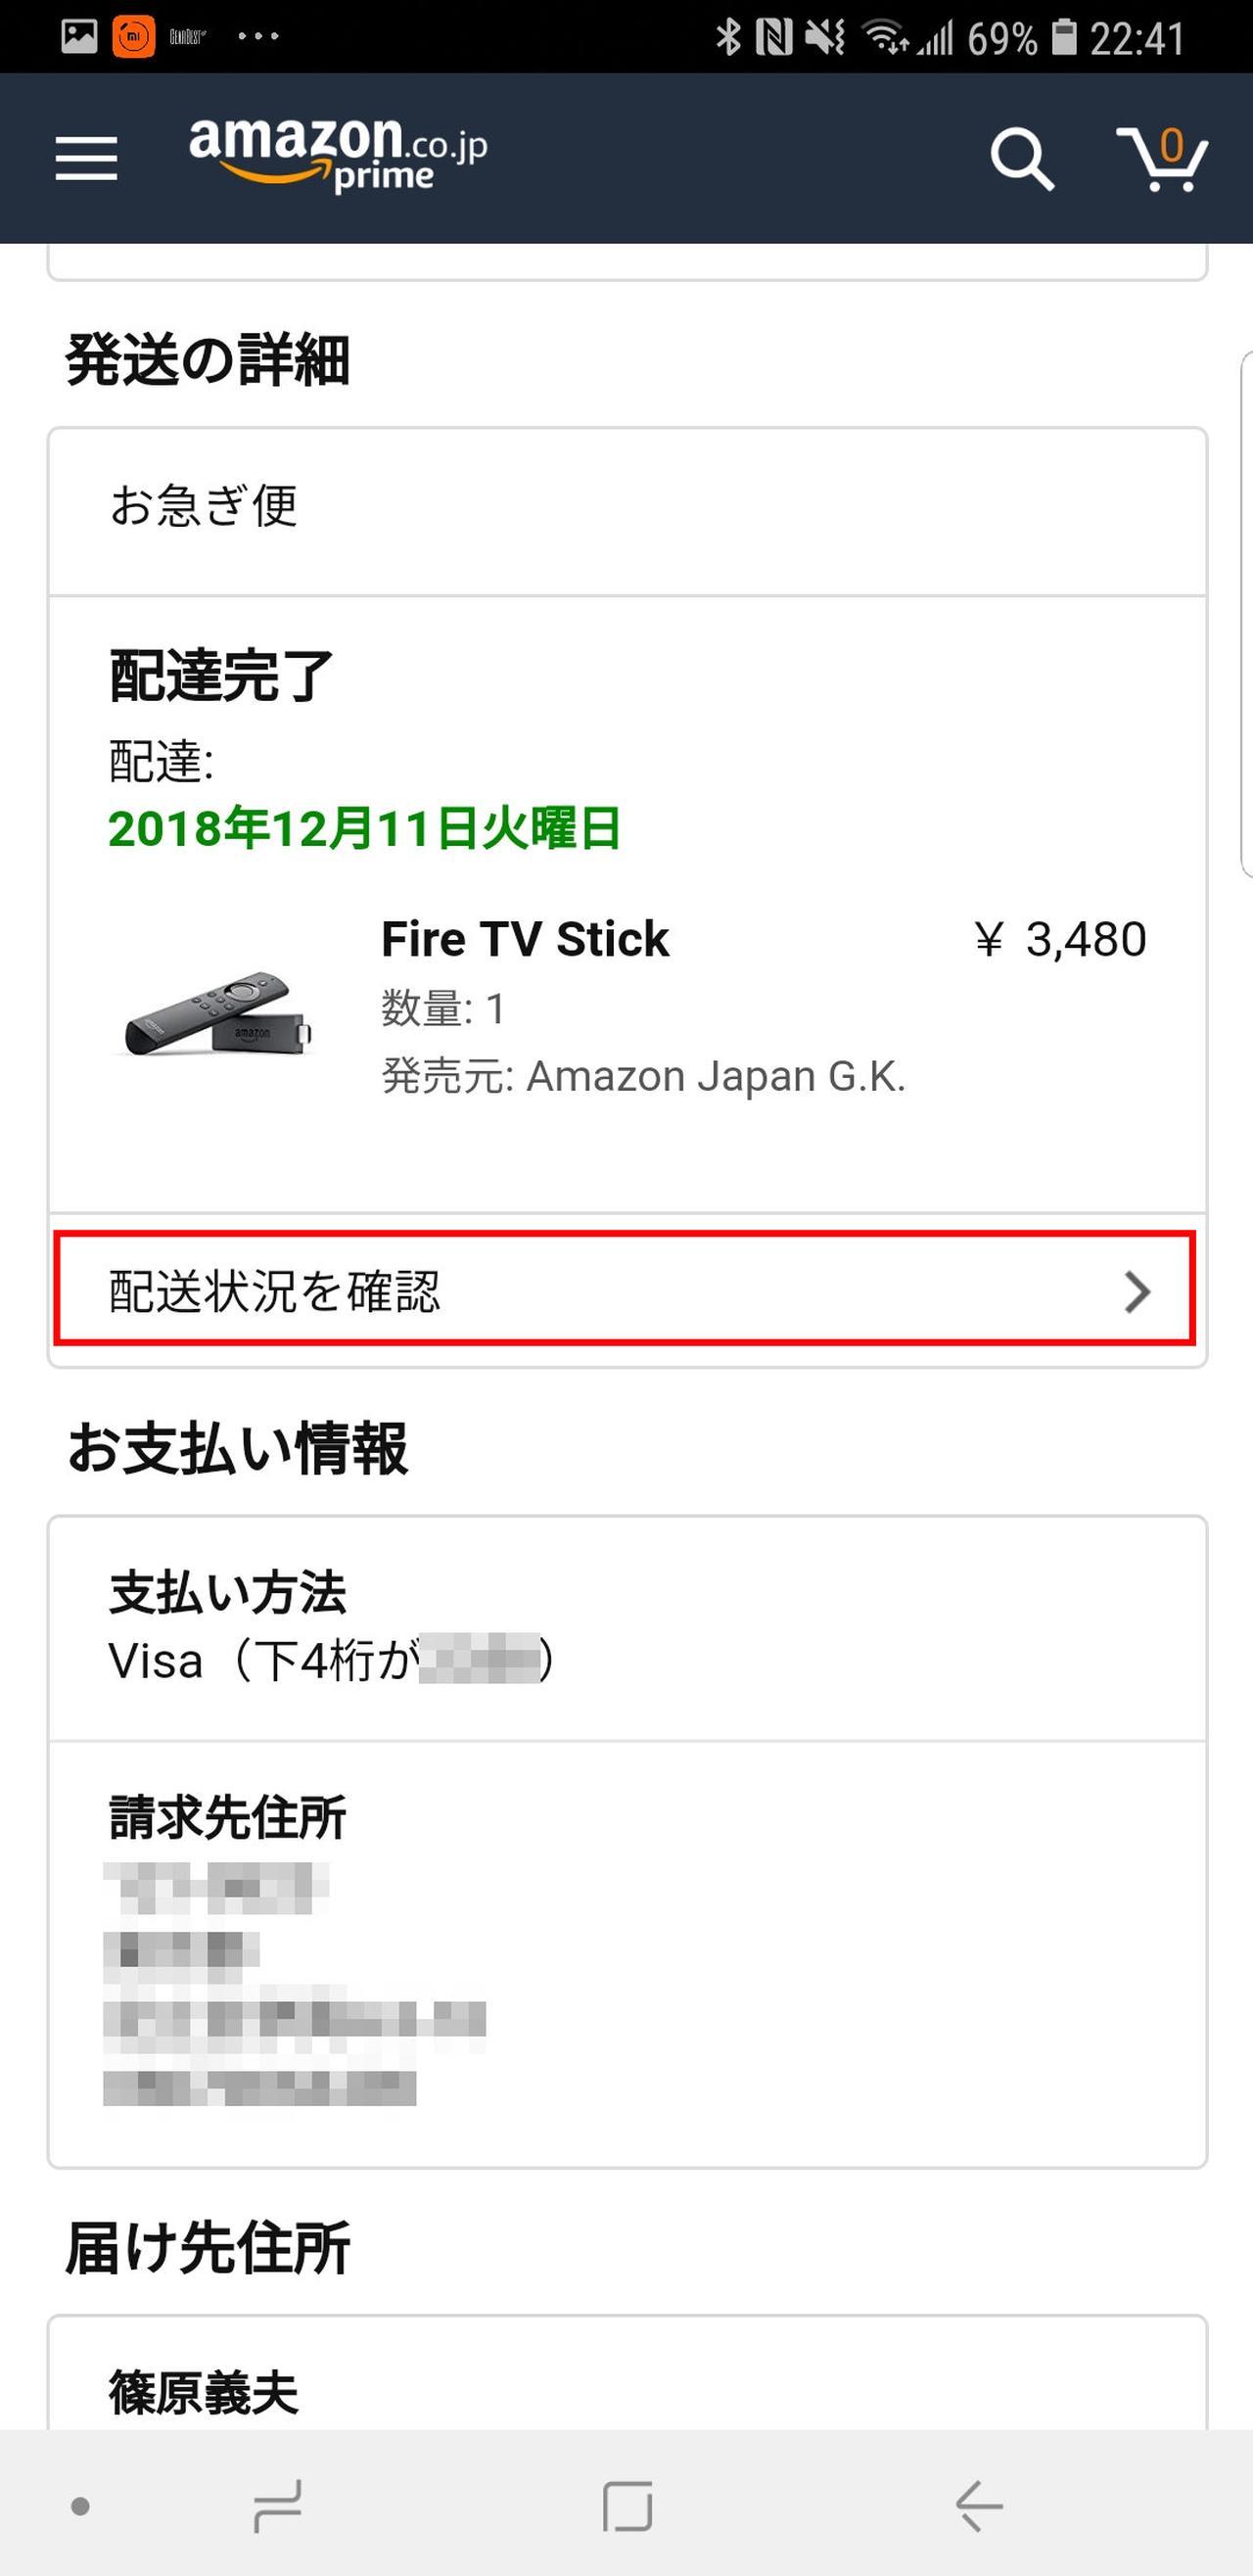 画像: 商品の配送状況は「注文履歴」から商品を選択し、「注文内容の表示」→「配送状況を確認」から確認可能。通知が有効になっていれば、通知でも発送状況を知らせてくれる。